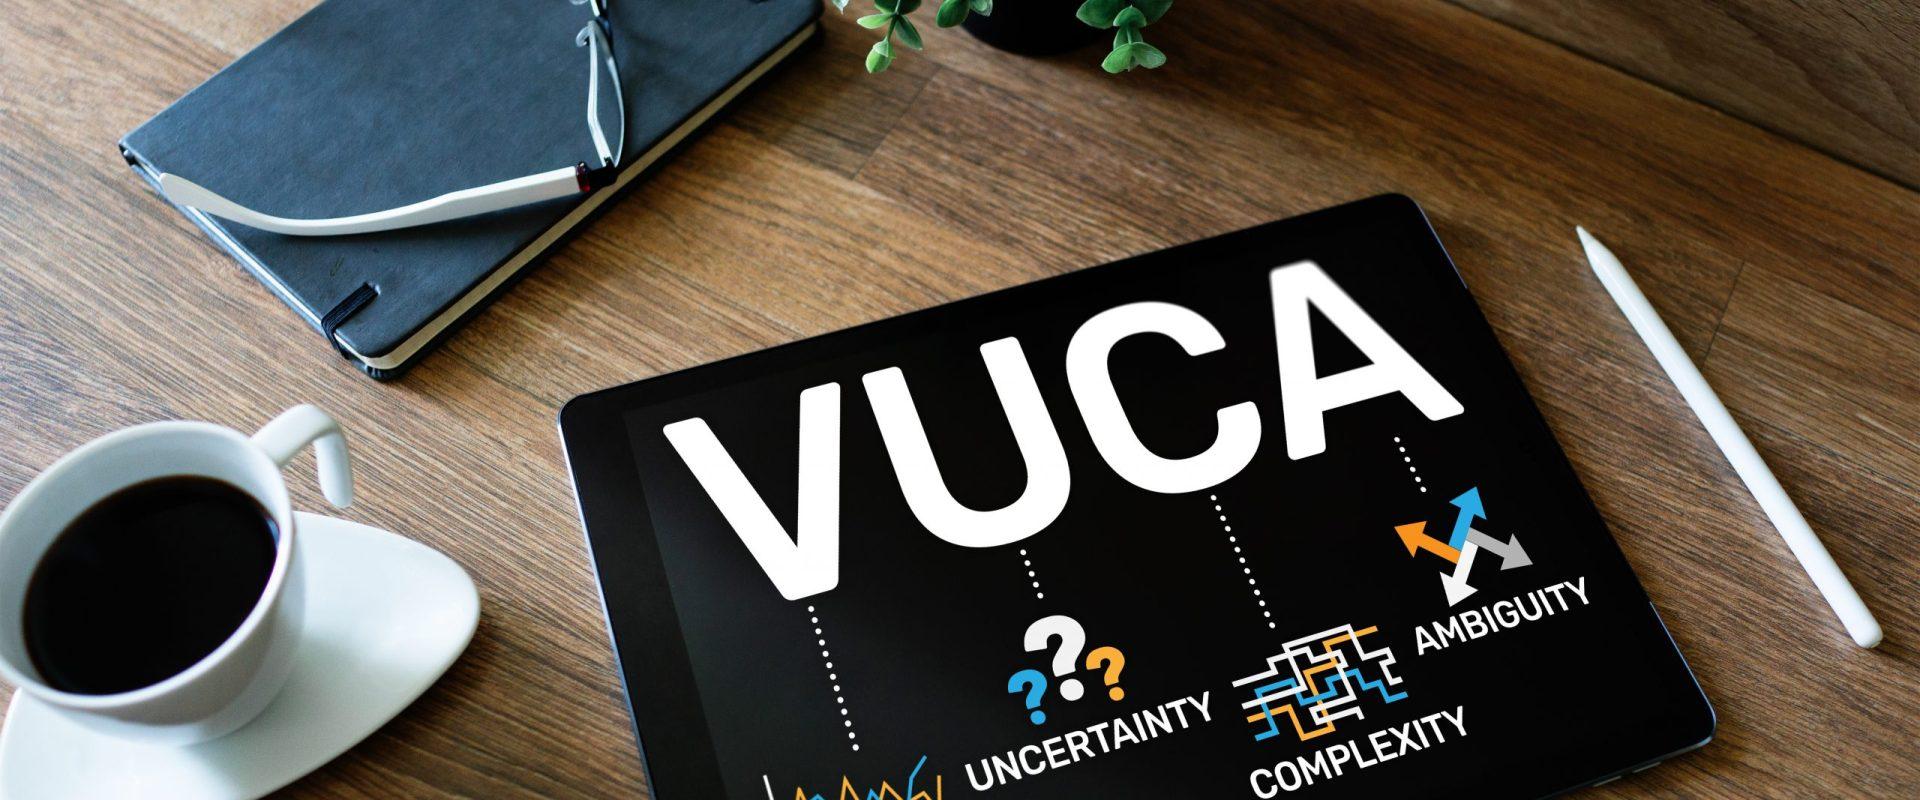 Auf einem iPad stehen die Buchstaben V U C A. Die Abkürzung steht für volatility, uncertainty, complexity und ambigouity. Daneben steht eine Tasse Kaffee. Darüber liegt ein Notizbuch, auf dem eine Brille liegt.